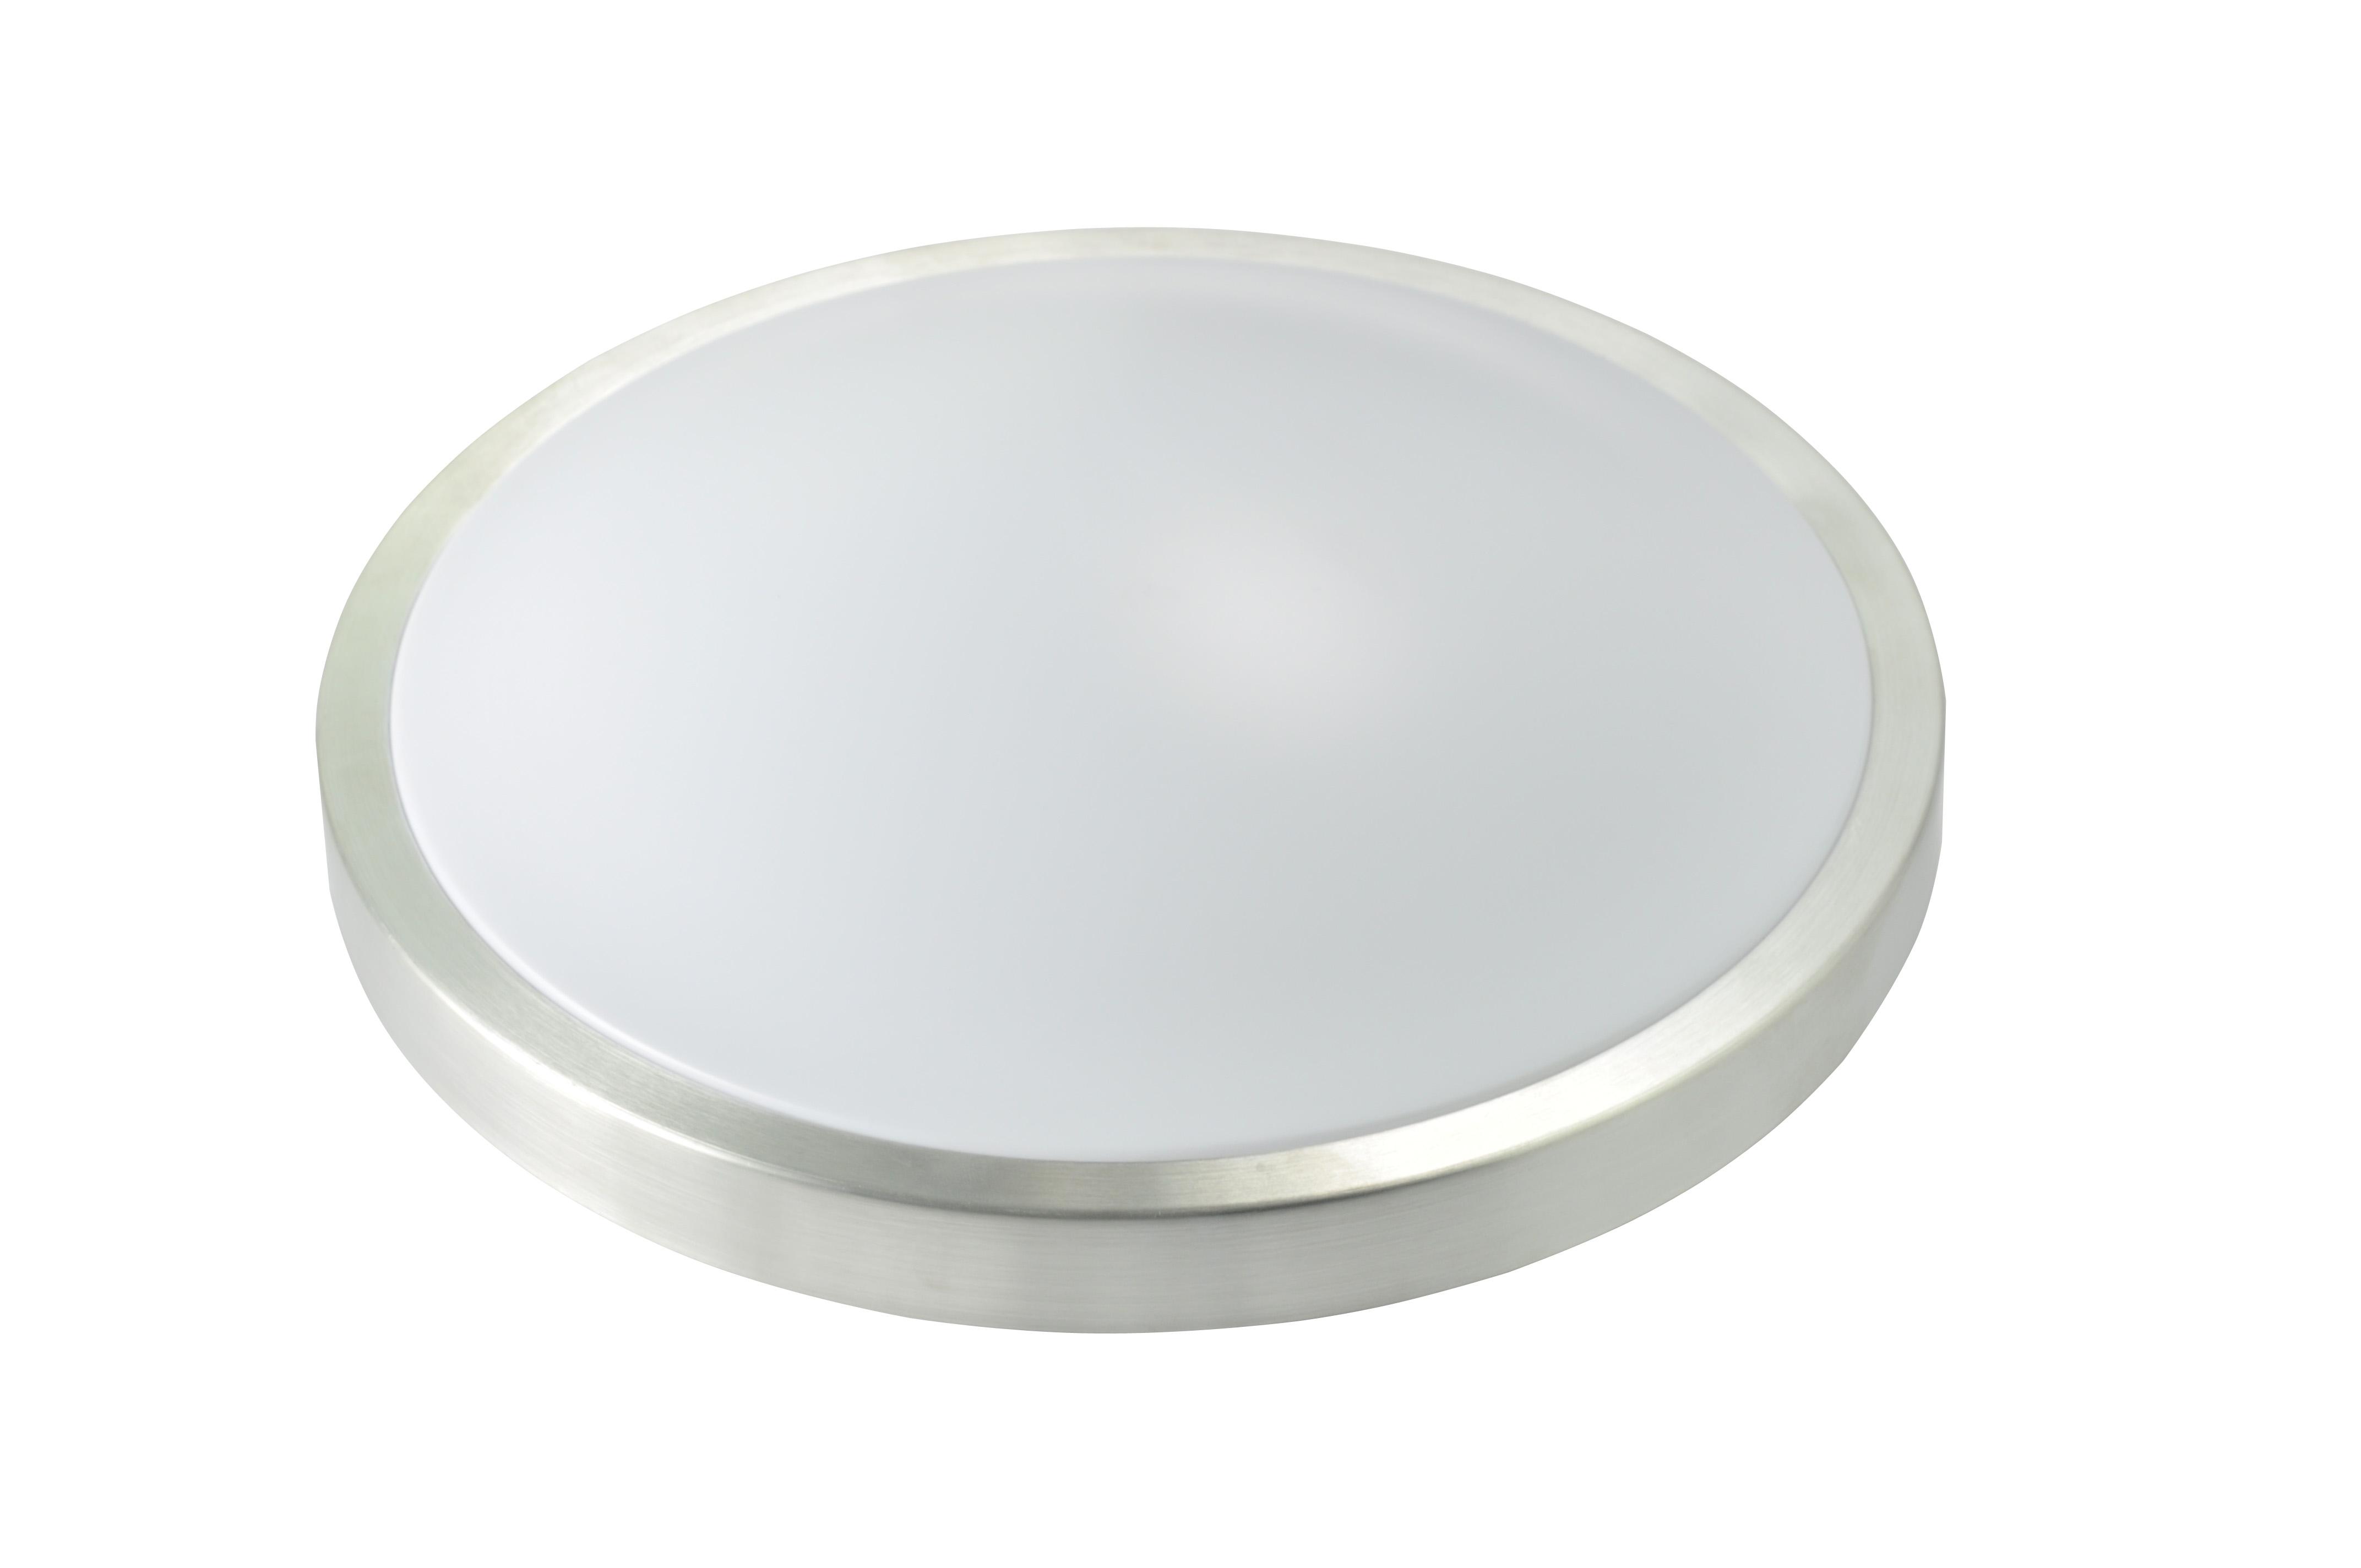 led deckenleuchte lampen f r den gewerblichen bedarf ledowo ihr lichtshop. Black Bedroom Furniture Sets. Home Design Ideas